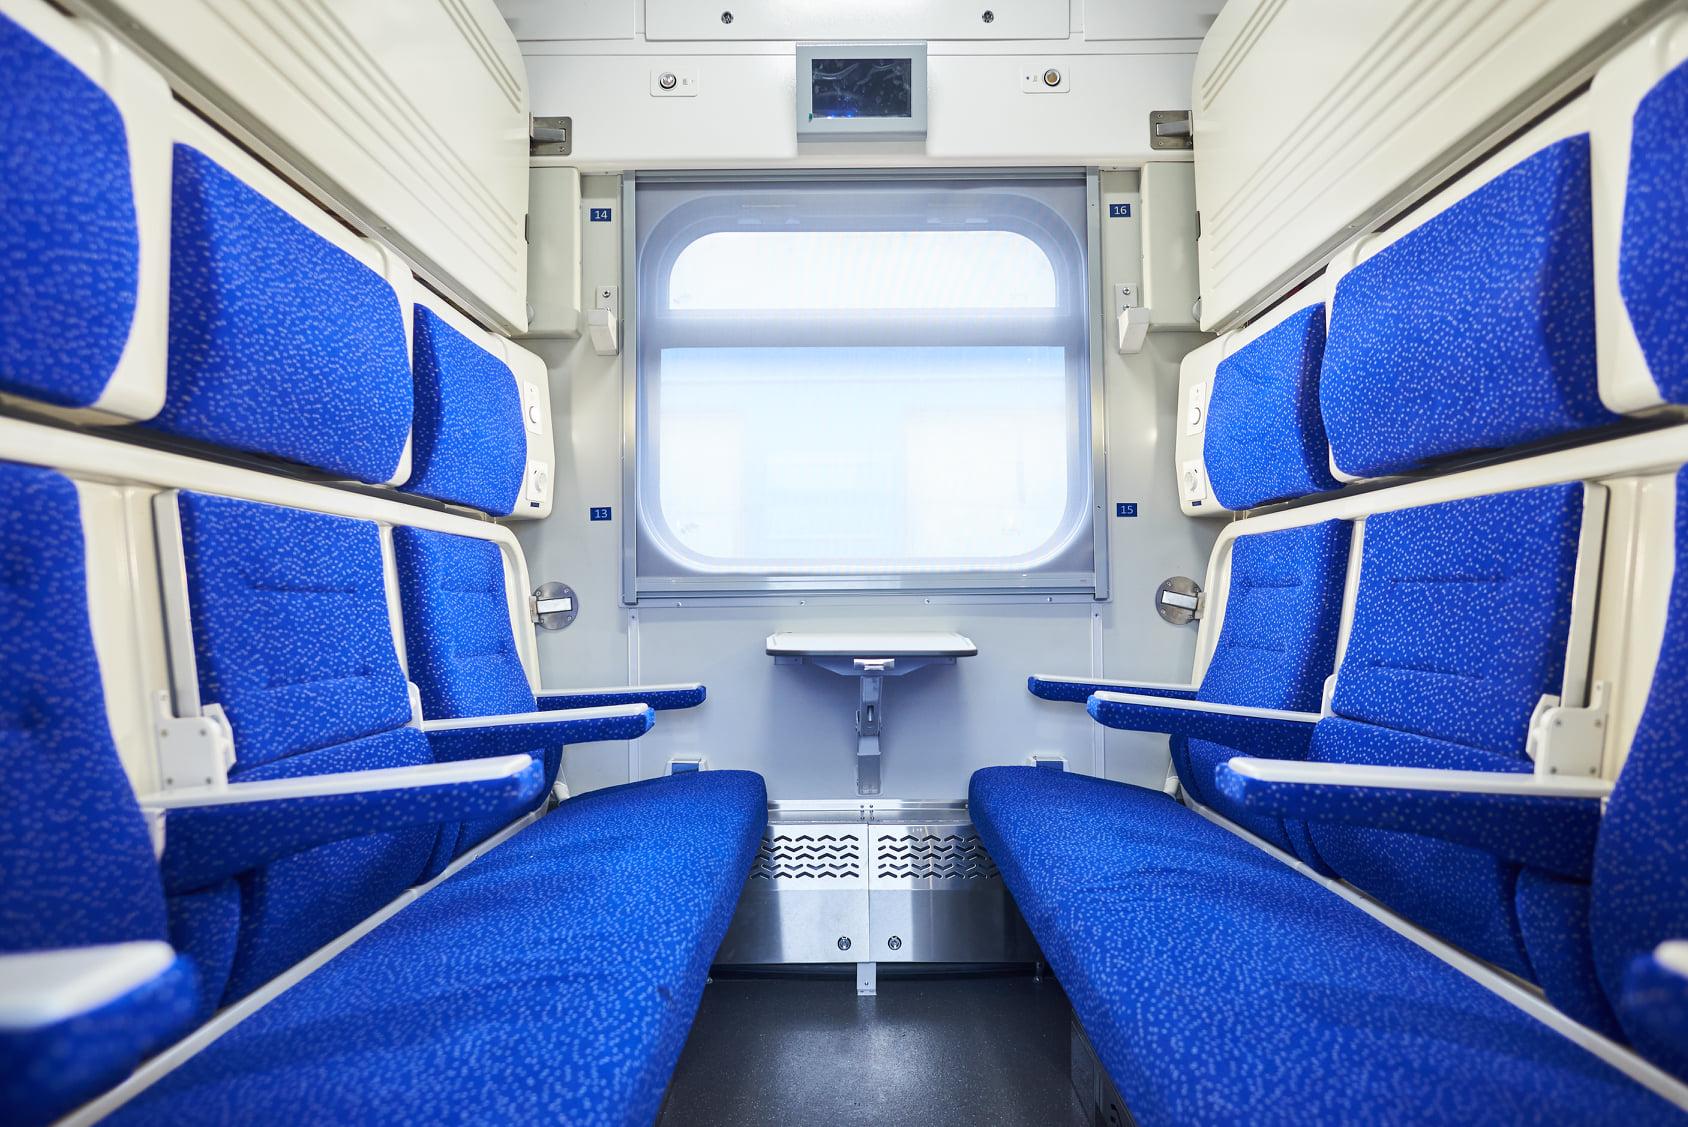 Лицем до лиця: Укрзалізниця модернізувала вагони - Укрзалізниця, модернізація, камери відеоспостереження, вагони - 142716266 3976061449094280 1289519694962028135 o